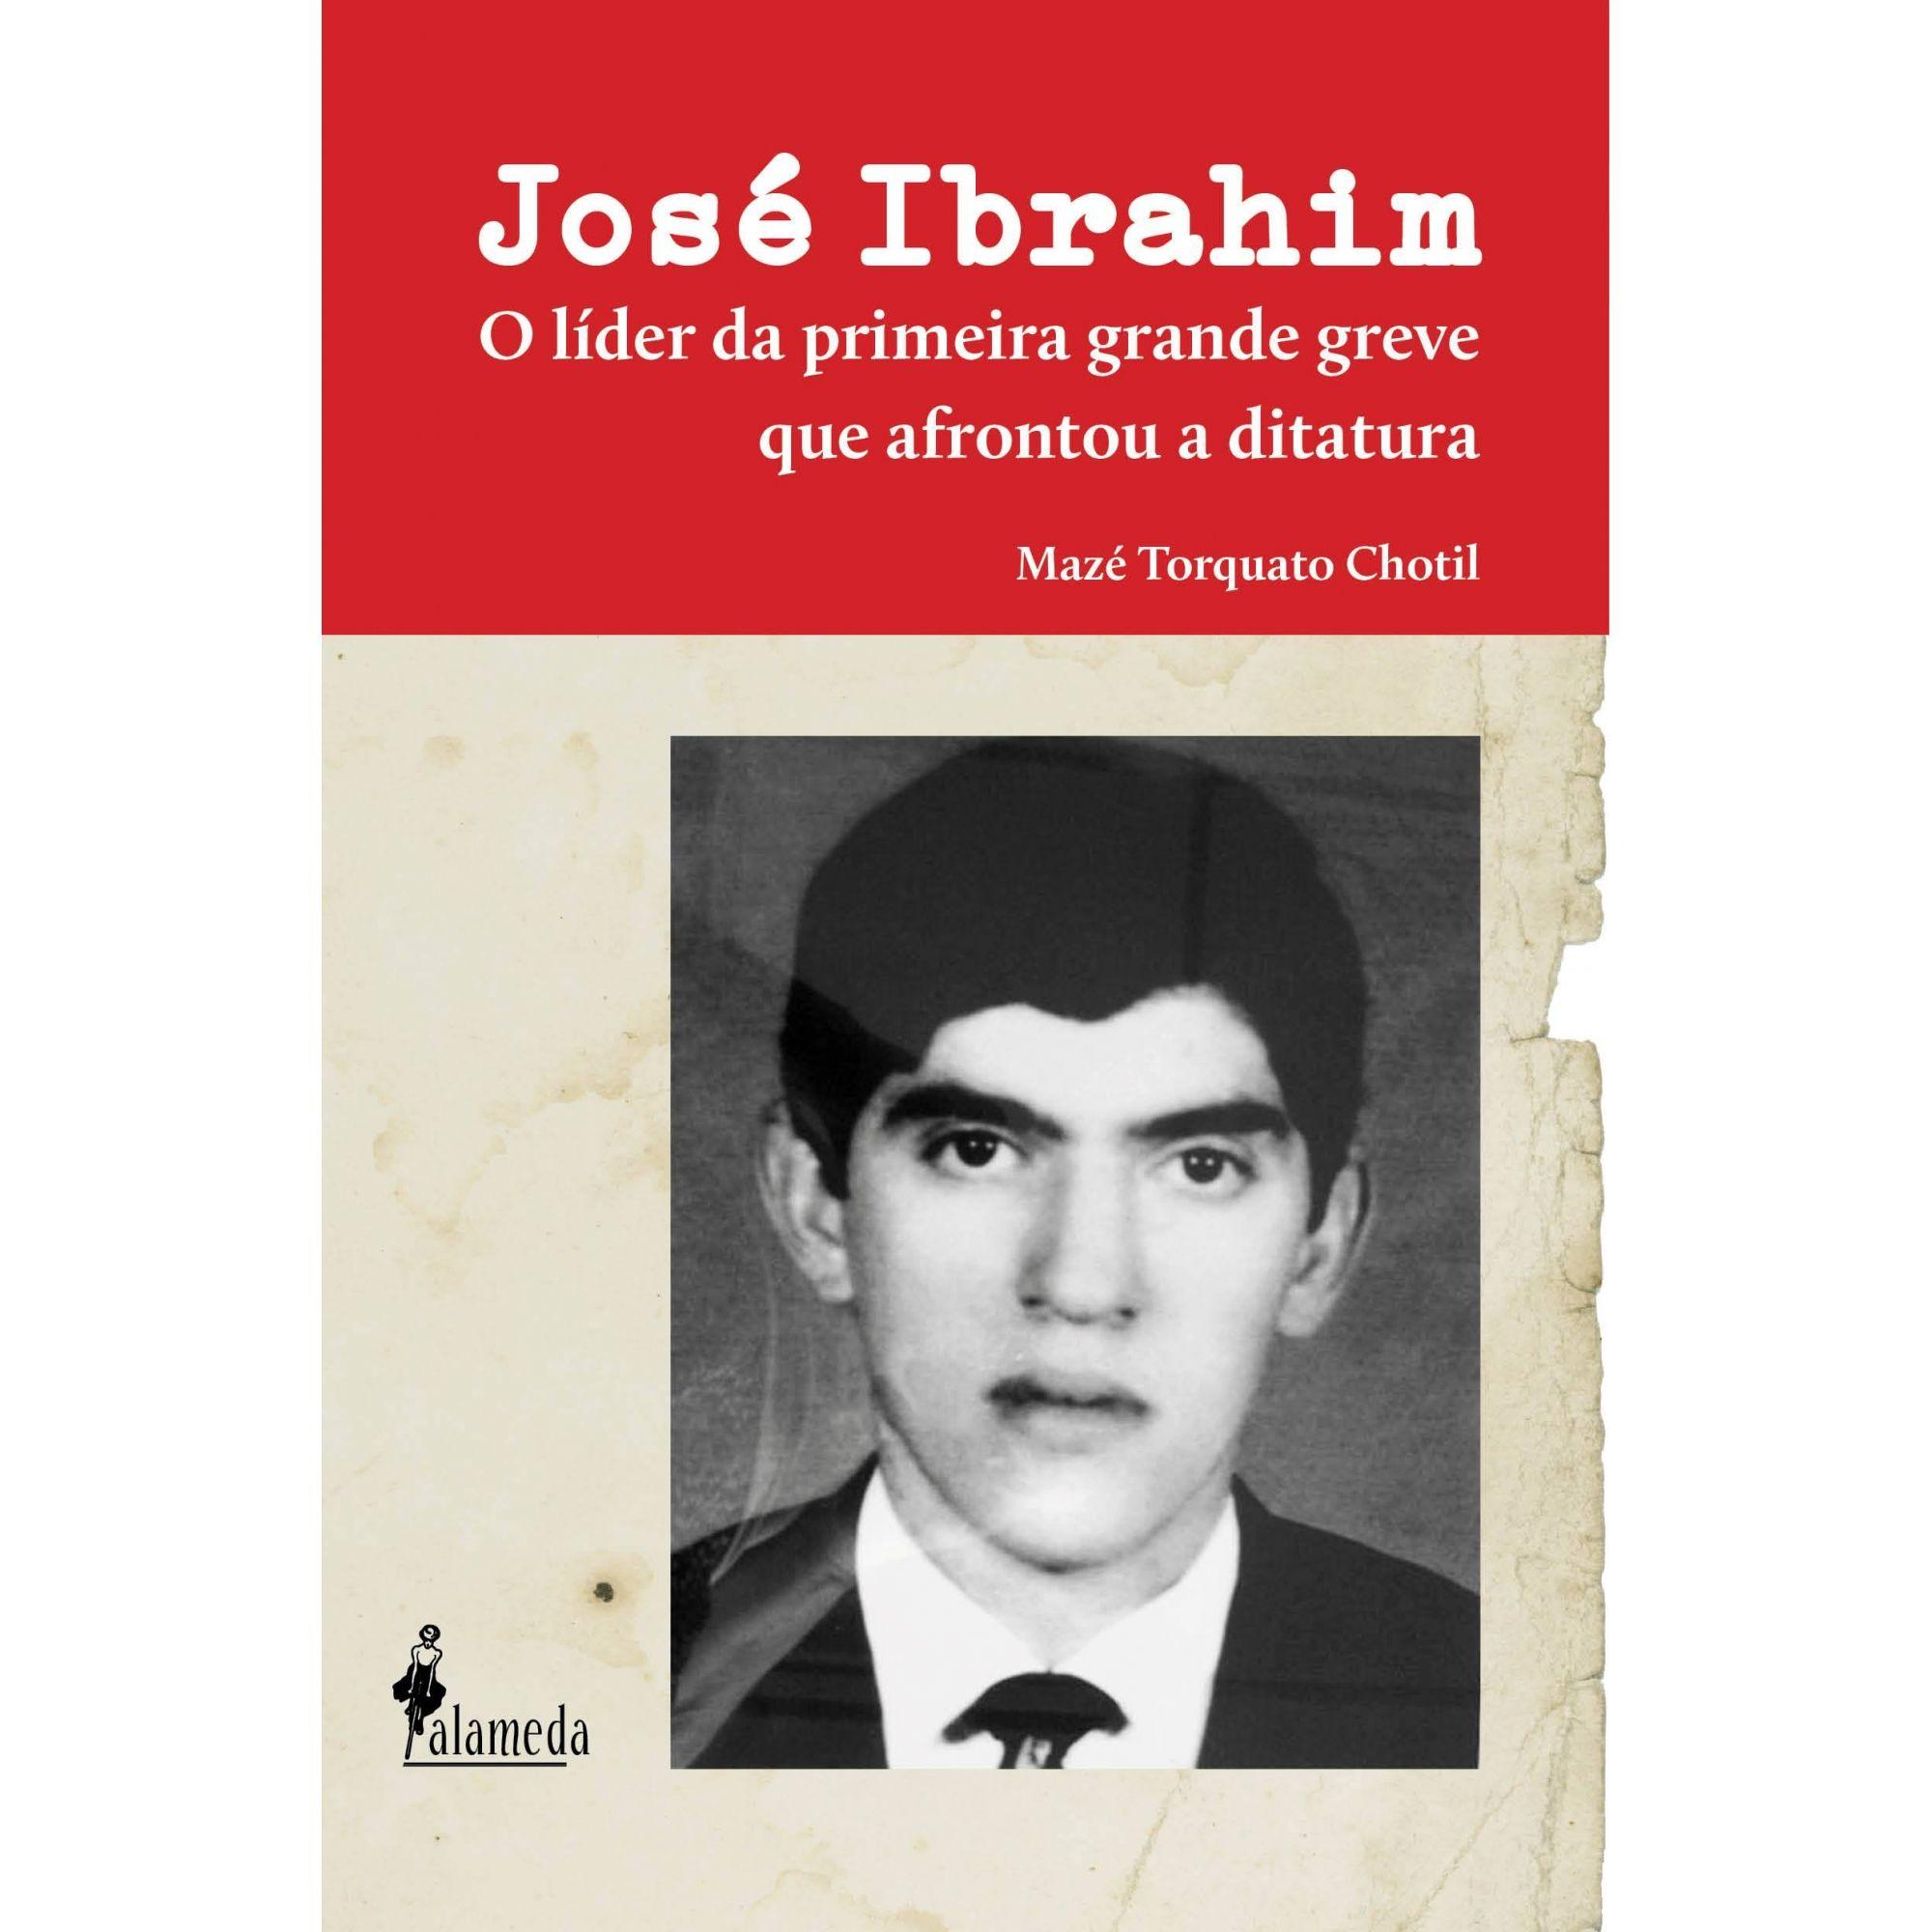 Pacote de Apoio da Publicação do Livro José Ibrahim -